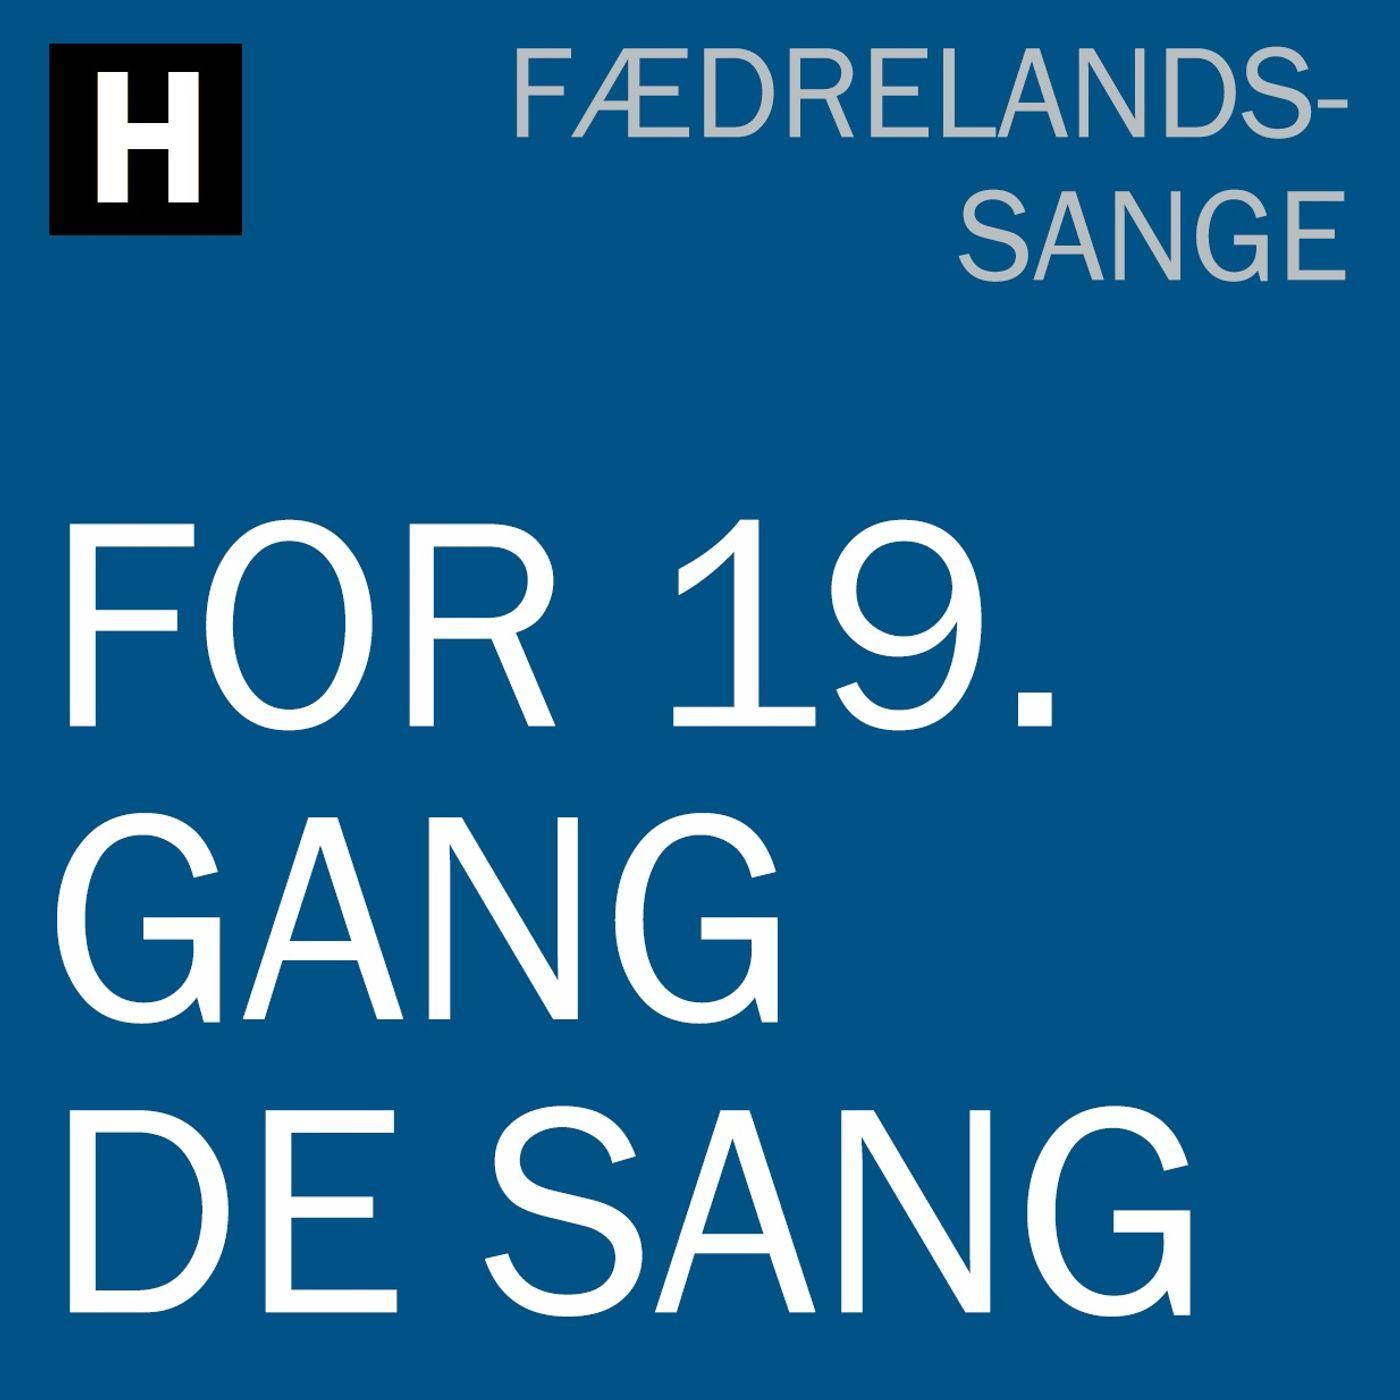 Fædrelandssange | Danmarksfilm | Kjartan Arngrim